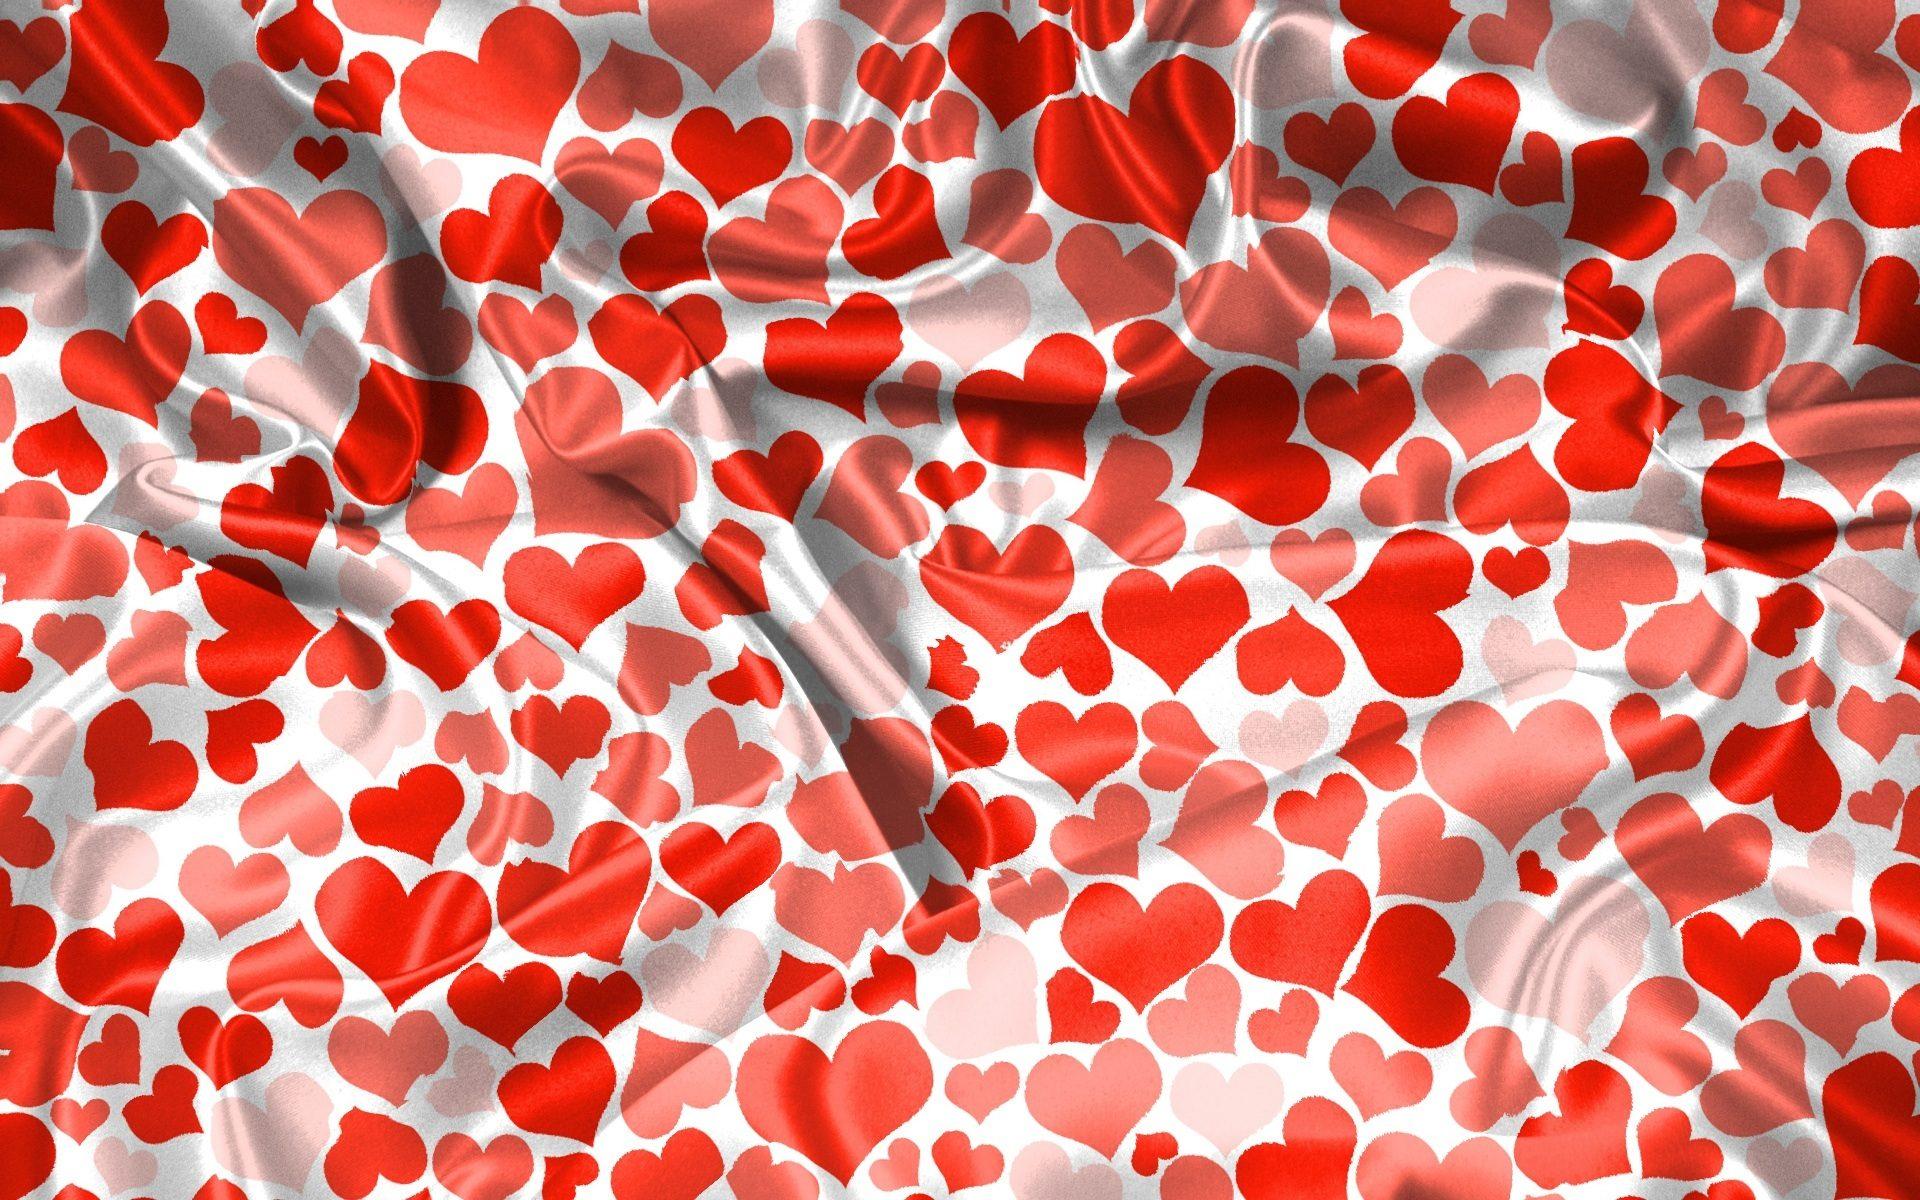 tela, ropa, vestido, corazones, arrugas, pliegues - Fondos de Pantalla HD - professor-falken.com